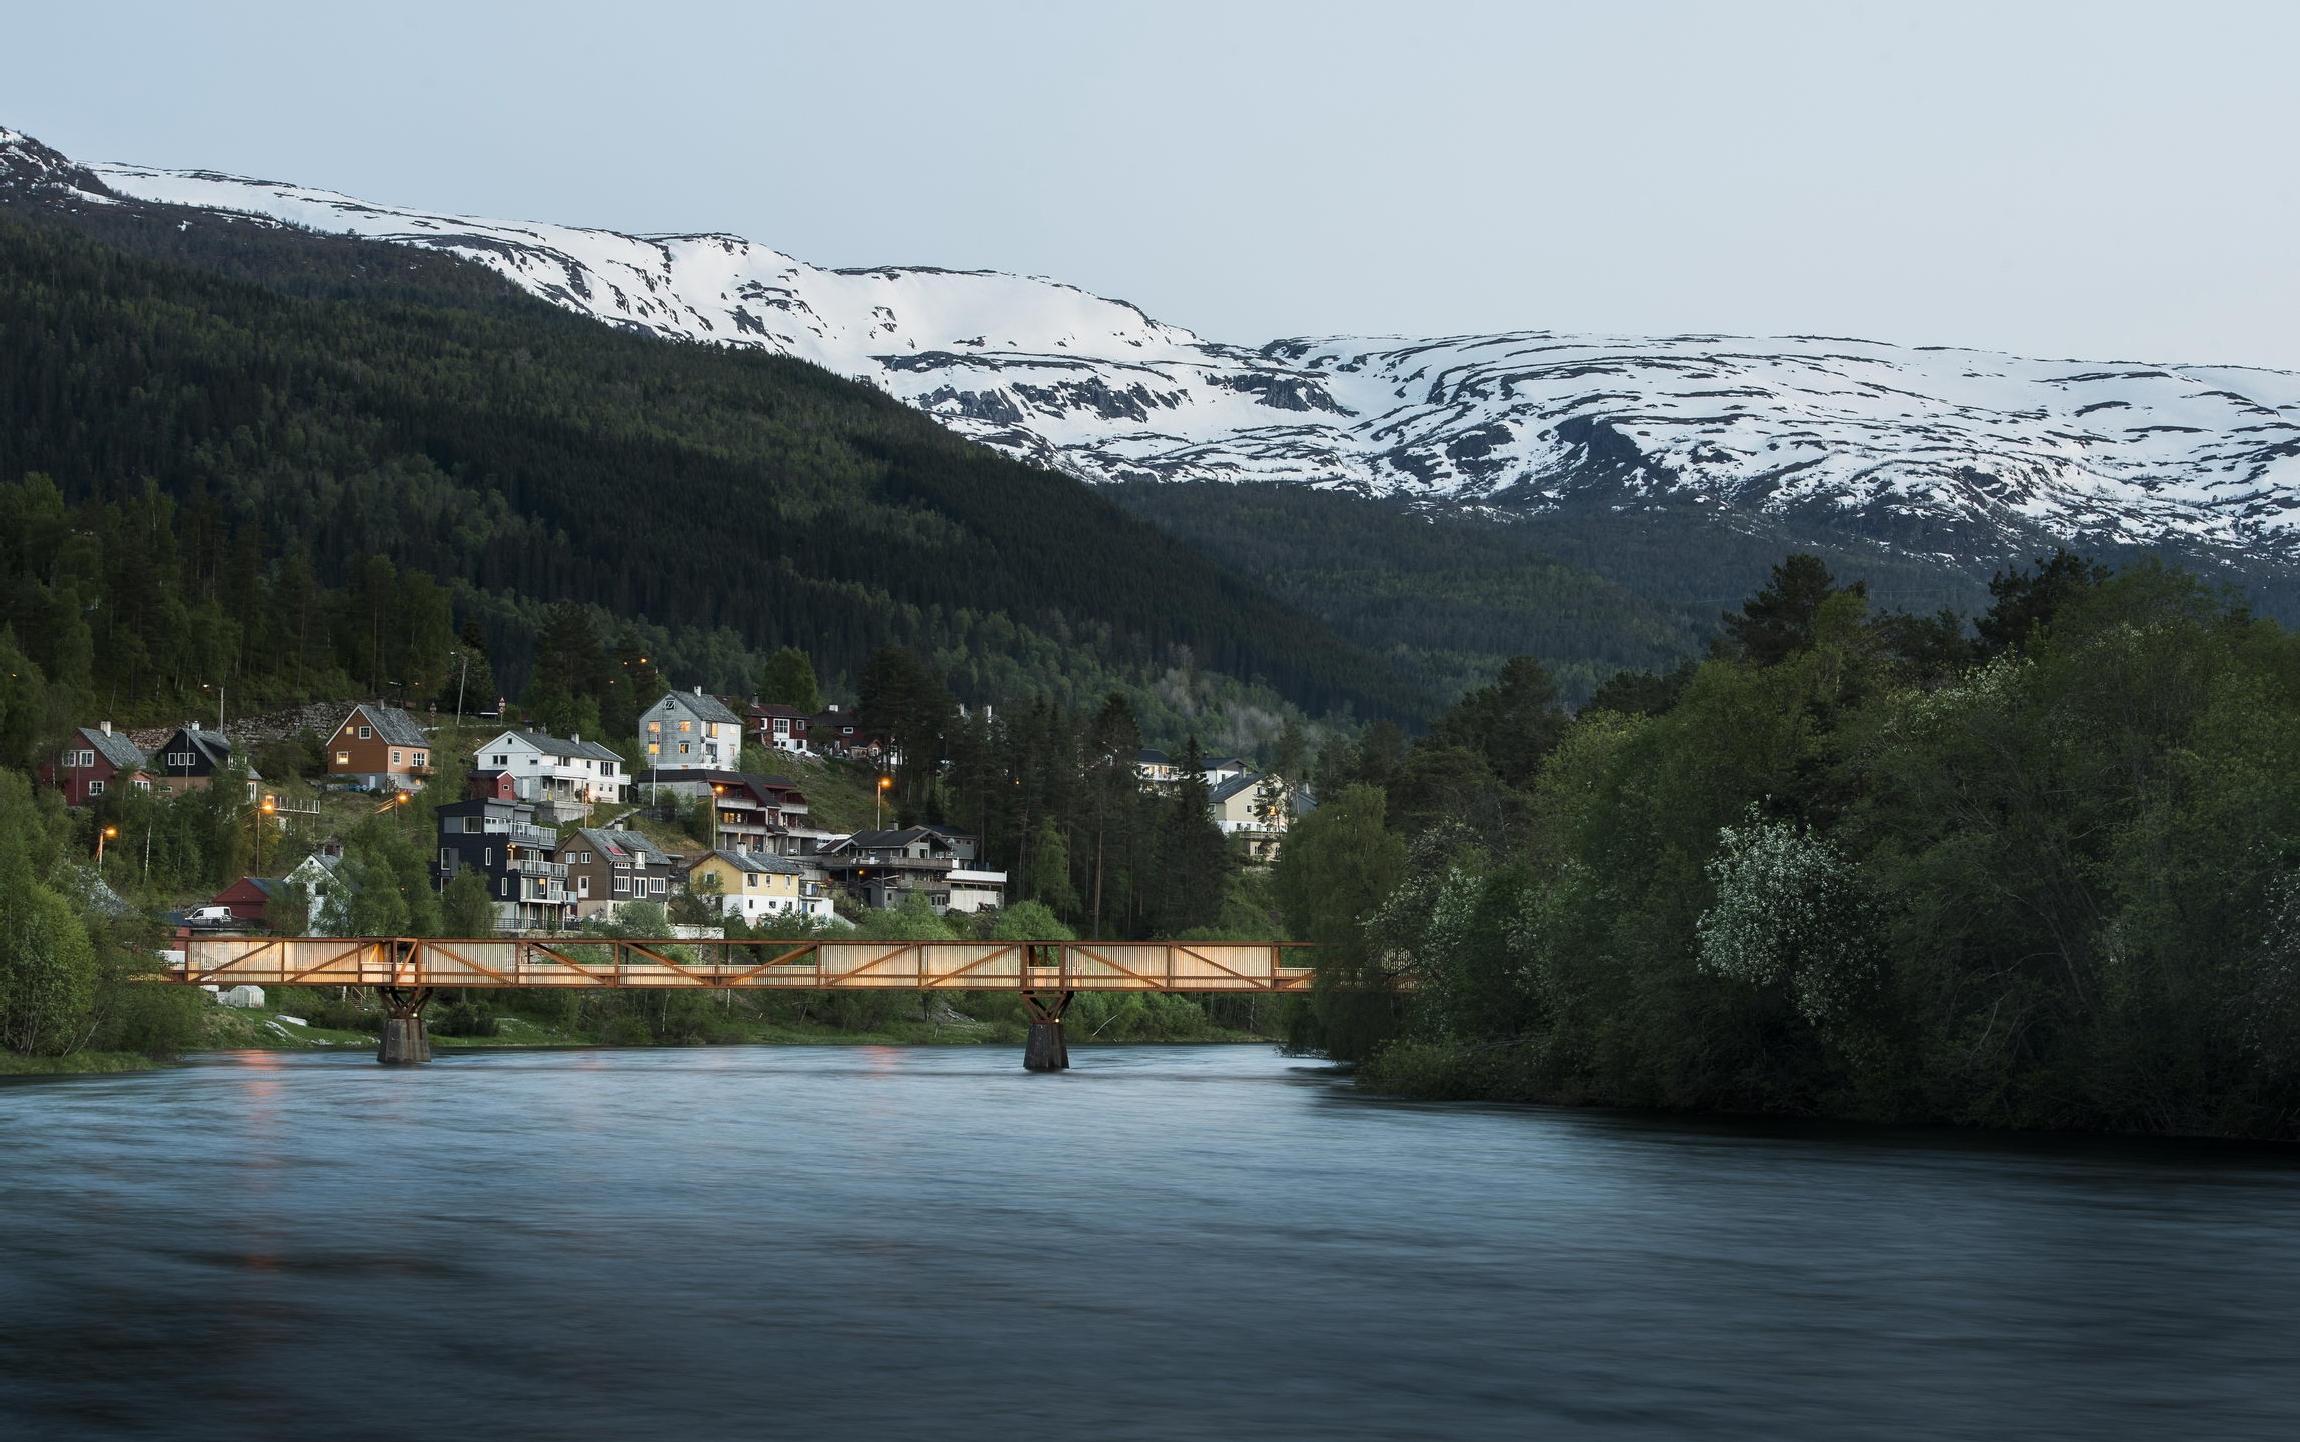 pishohidnii_mist_tintra_v_norvegii_1.jpg